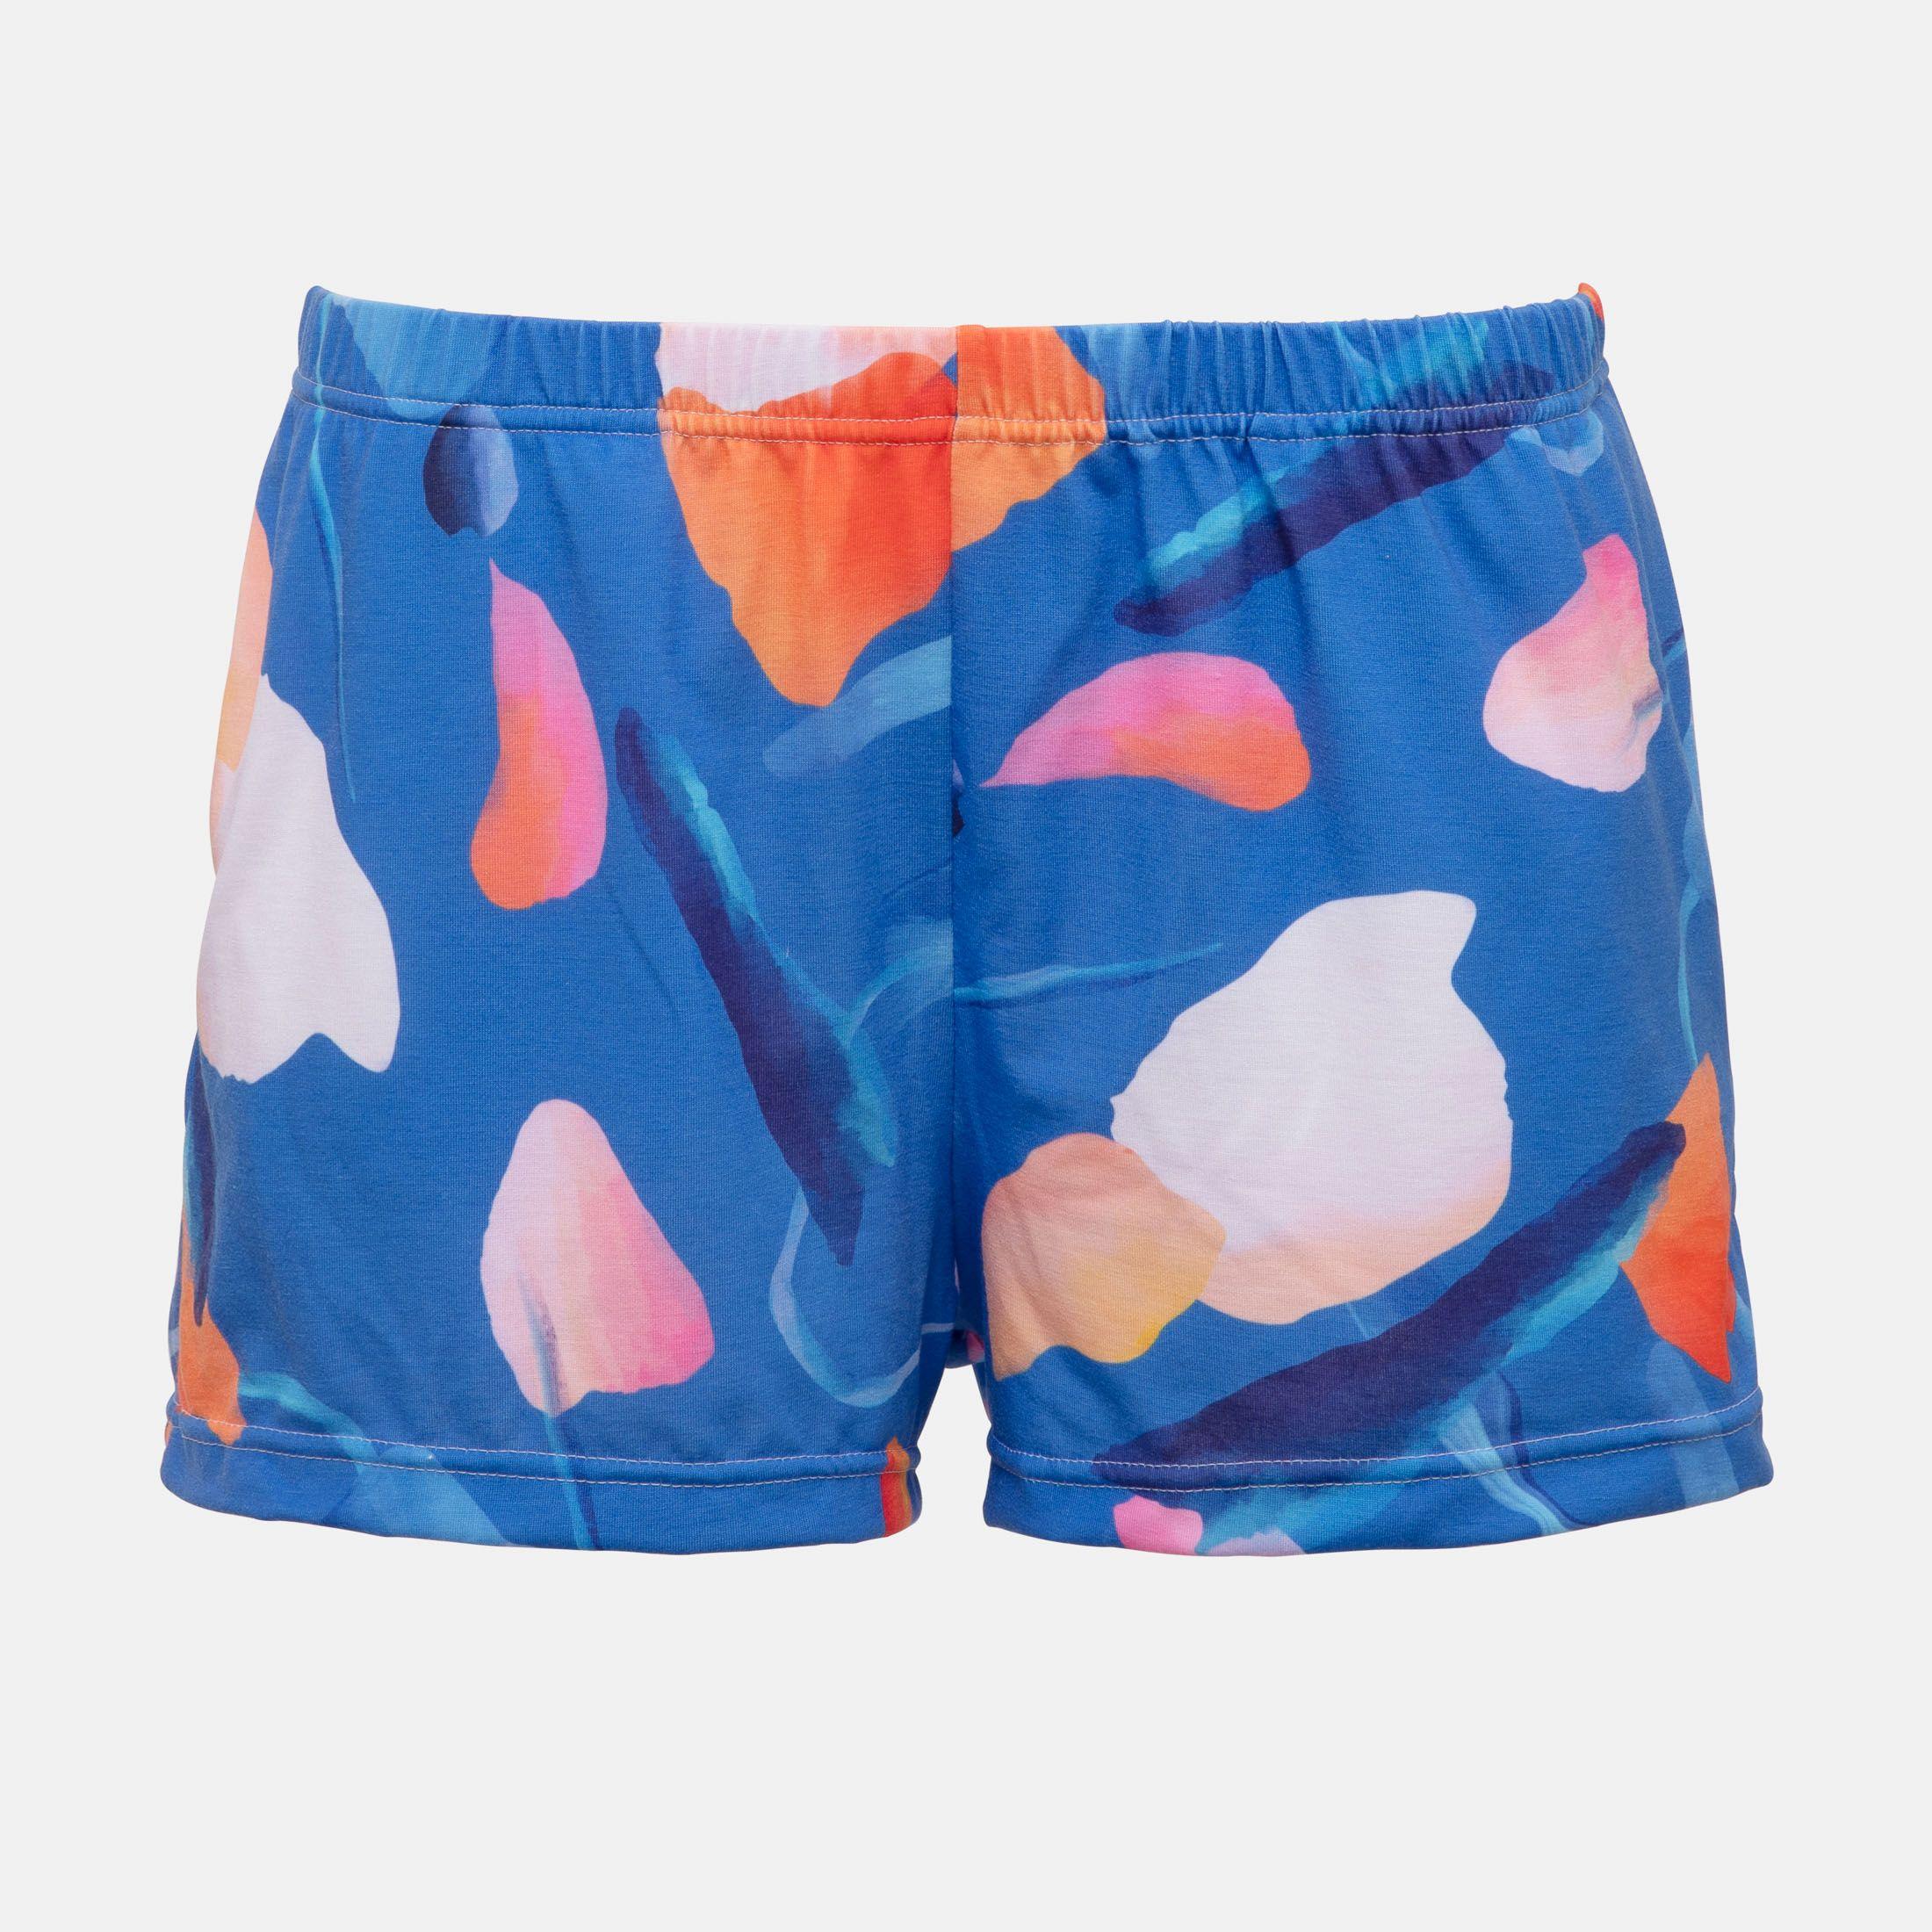 custom printed pajama shorts